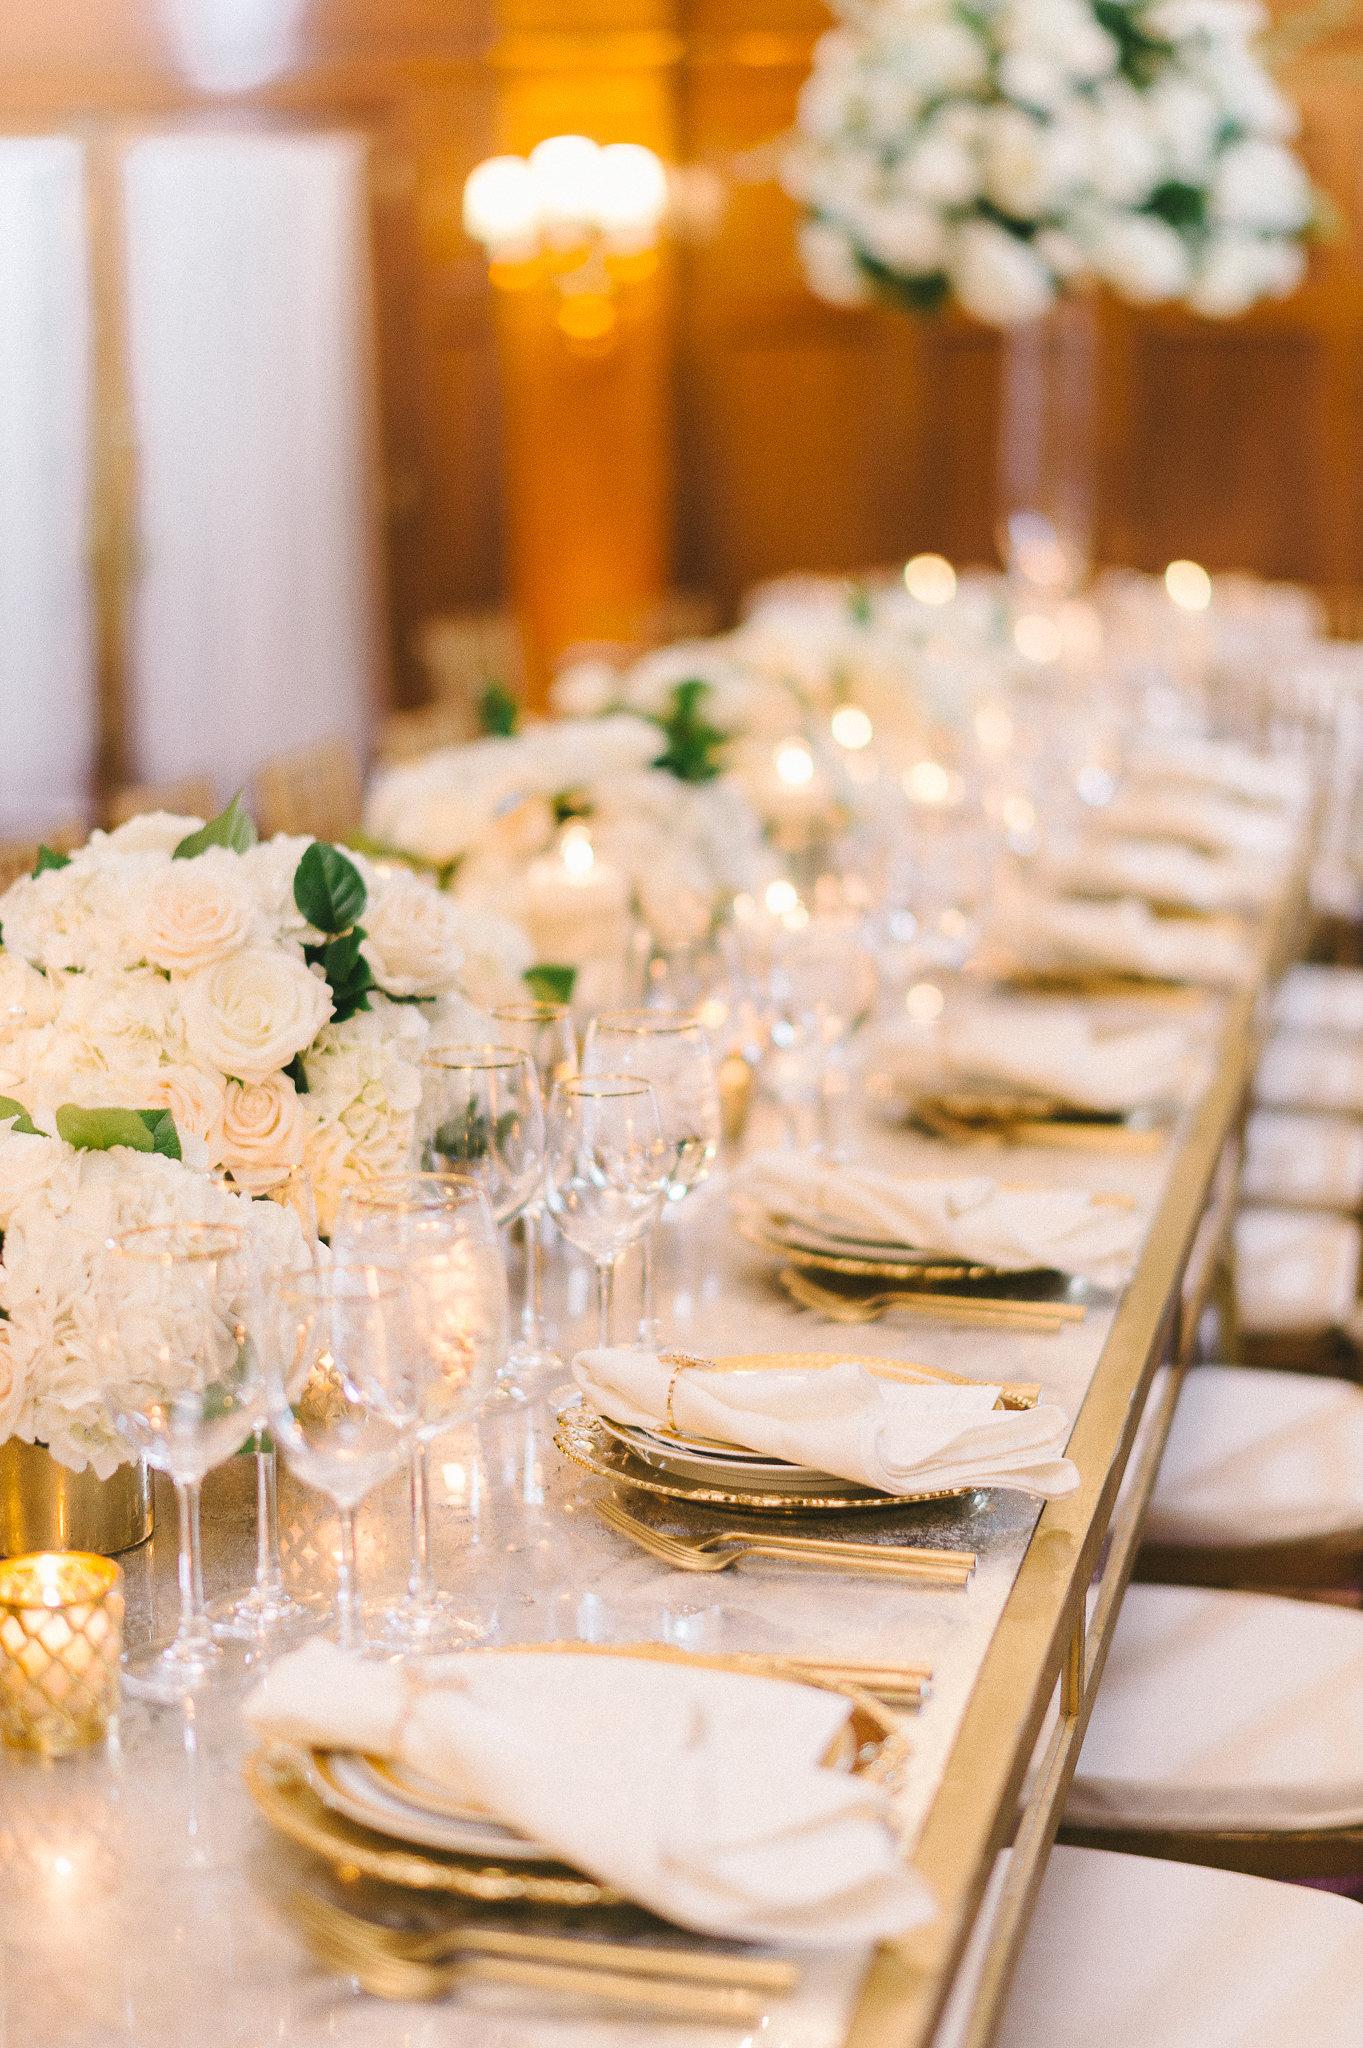 Elizabeth-Fogarty-Wedding-Photography-138.jpg